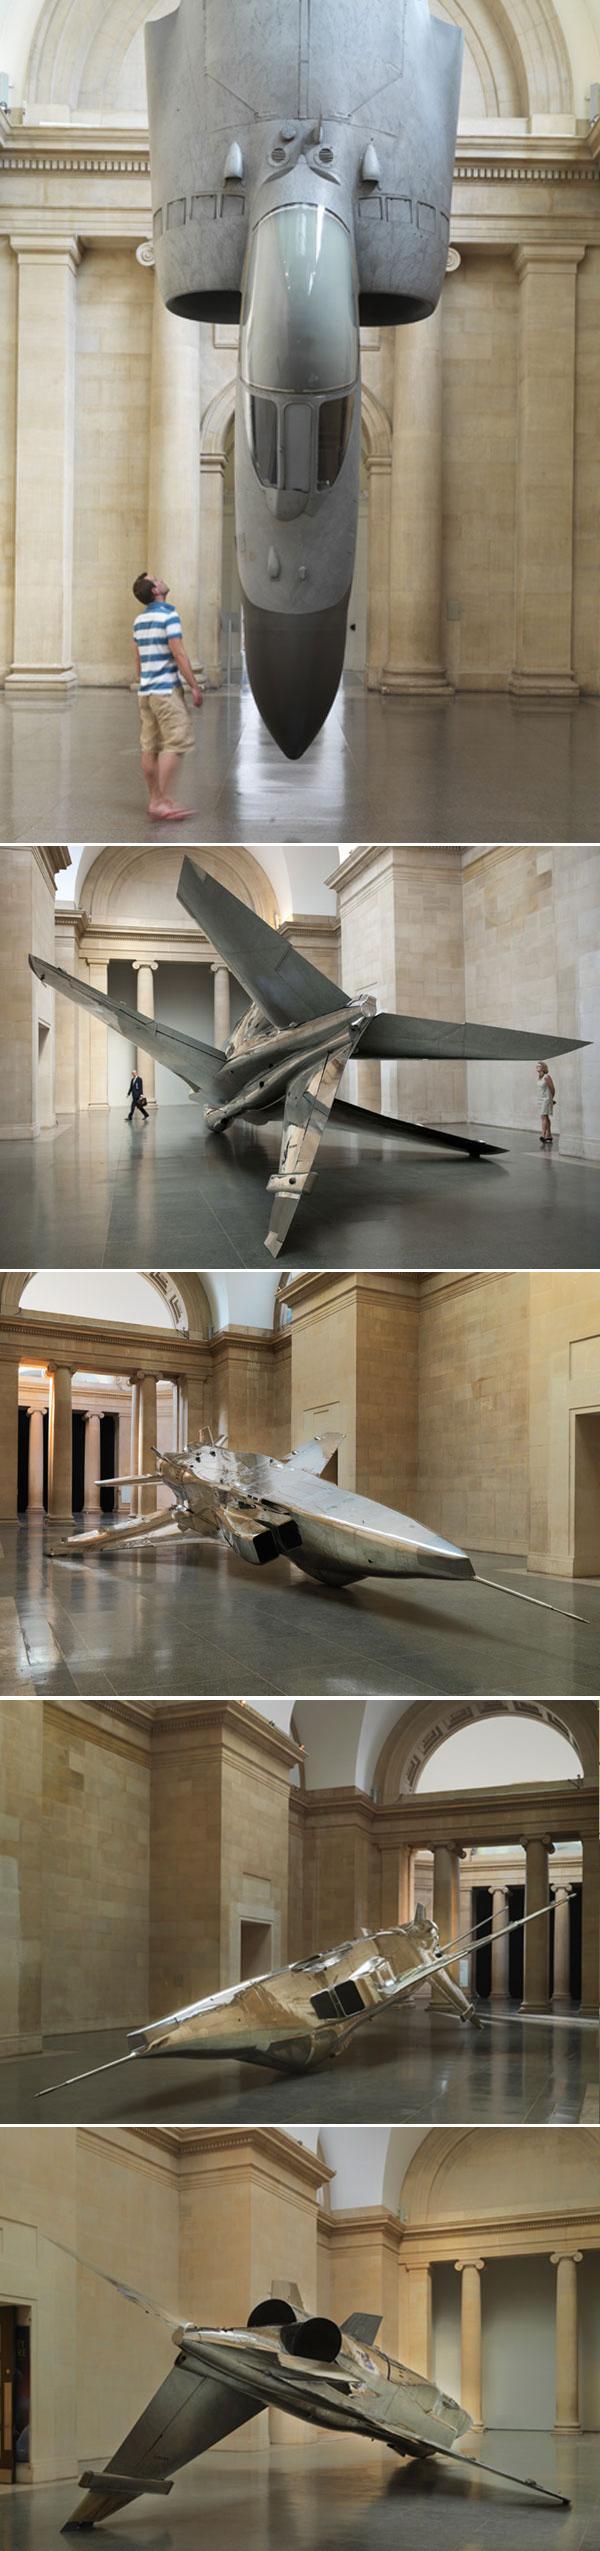 Самолетная инсталляция в Британском музее современного искусства от дизайнера Фиона Баннера (Fiona Banner)